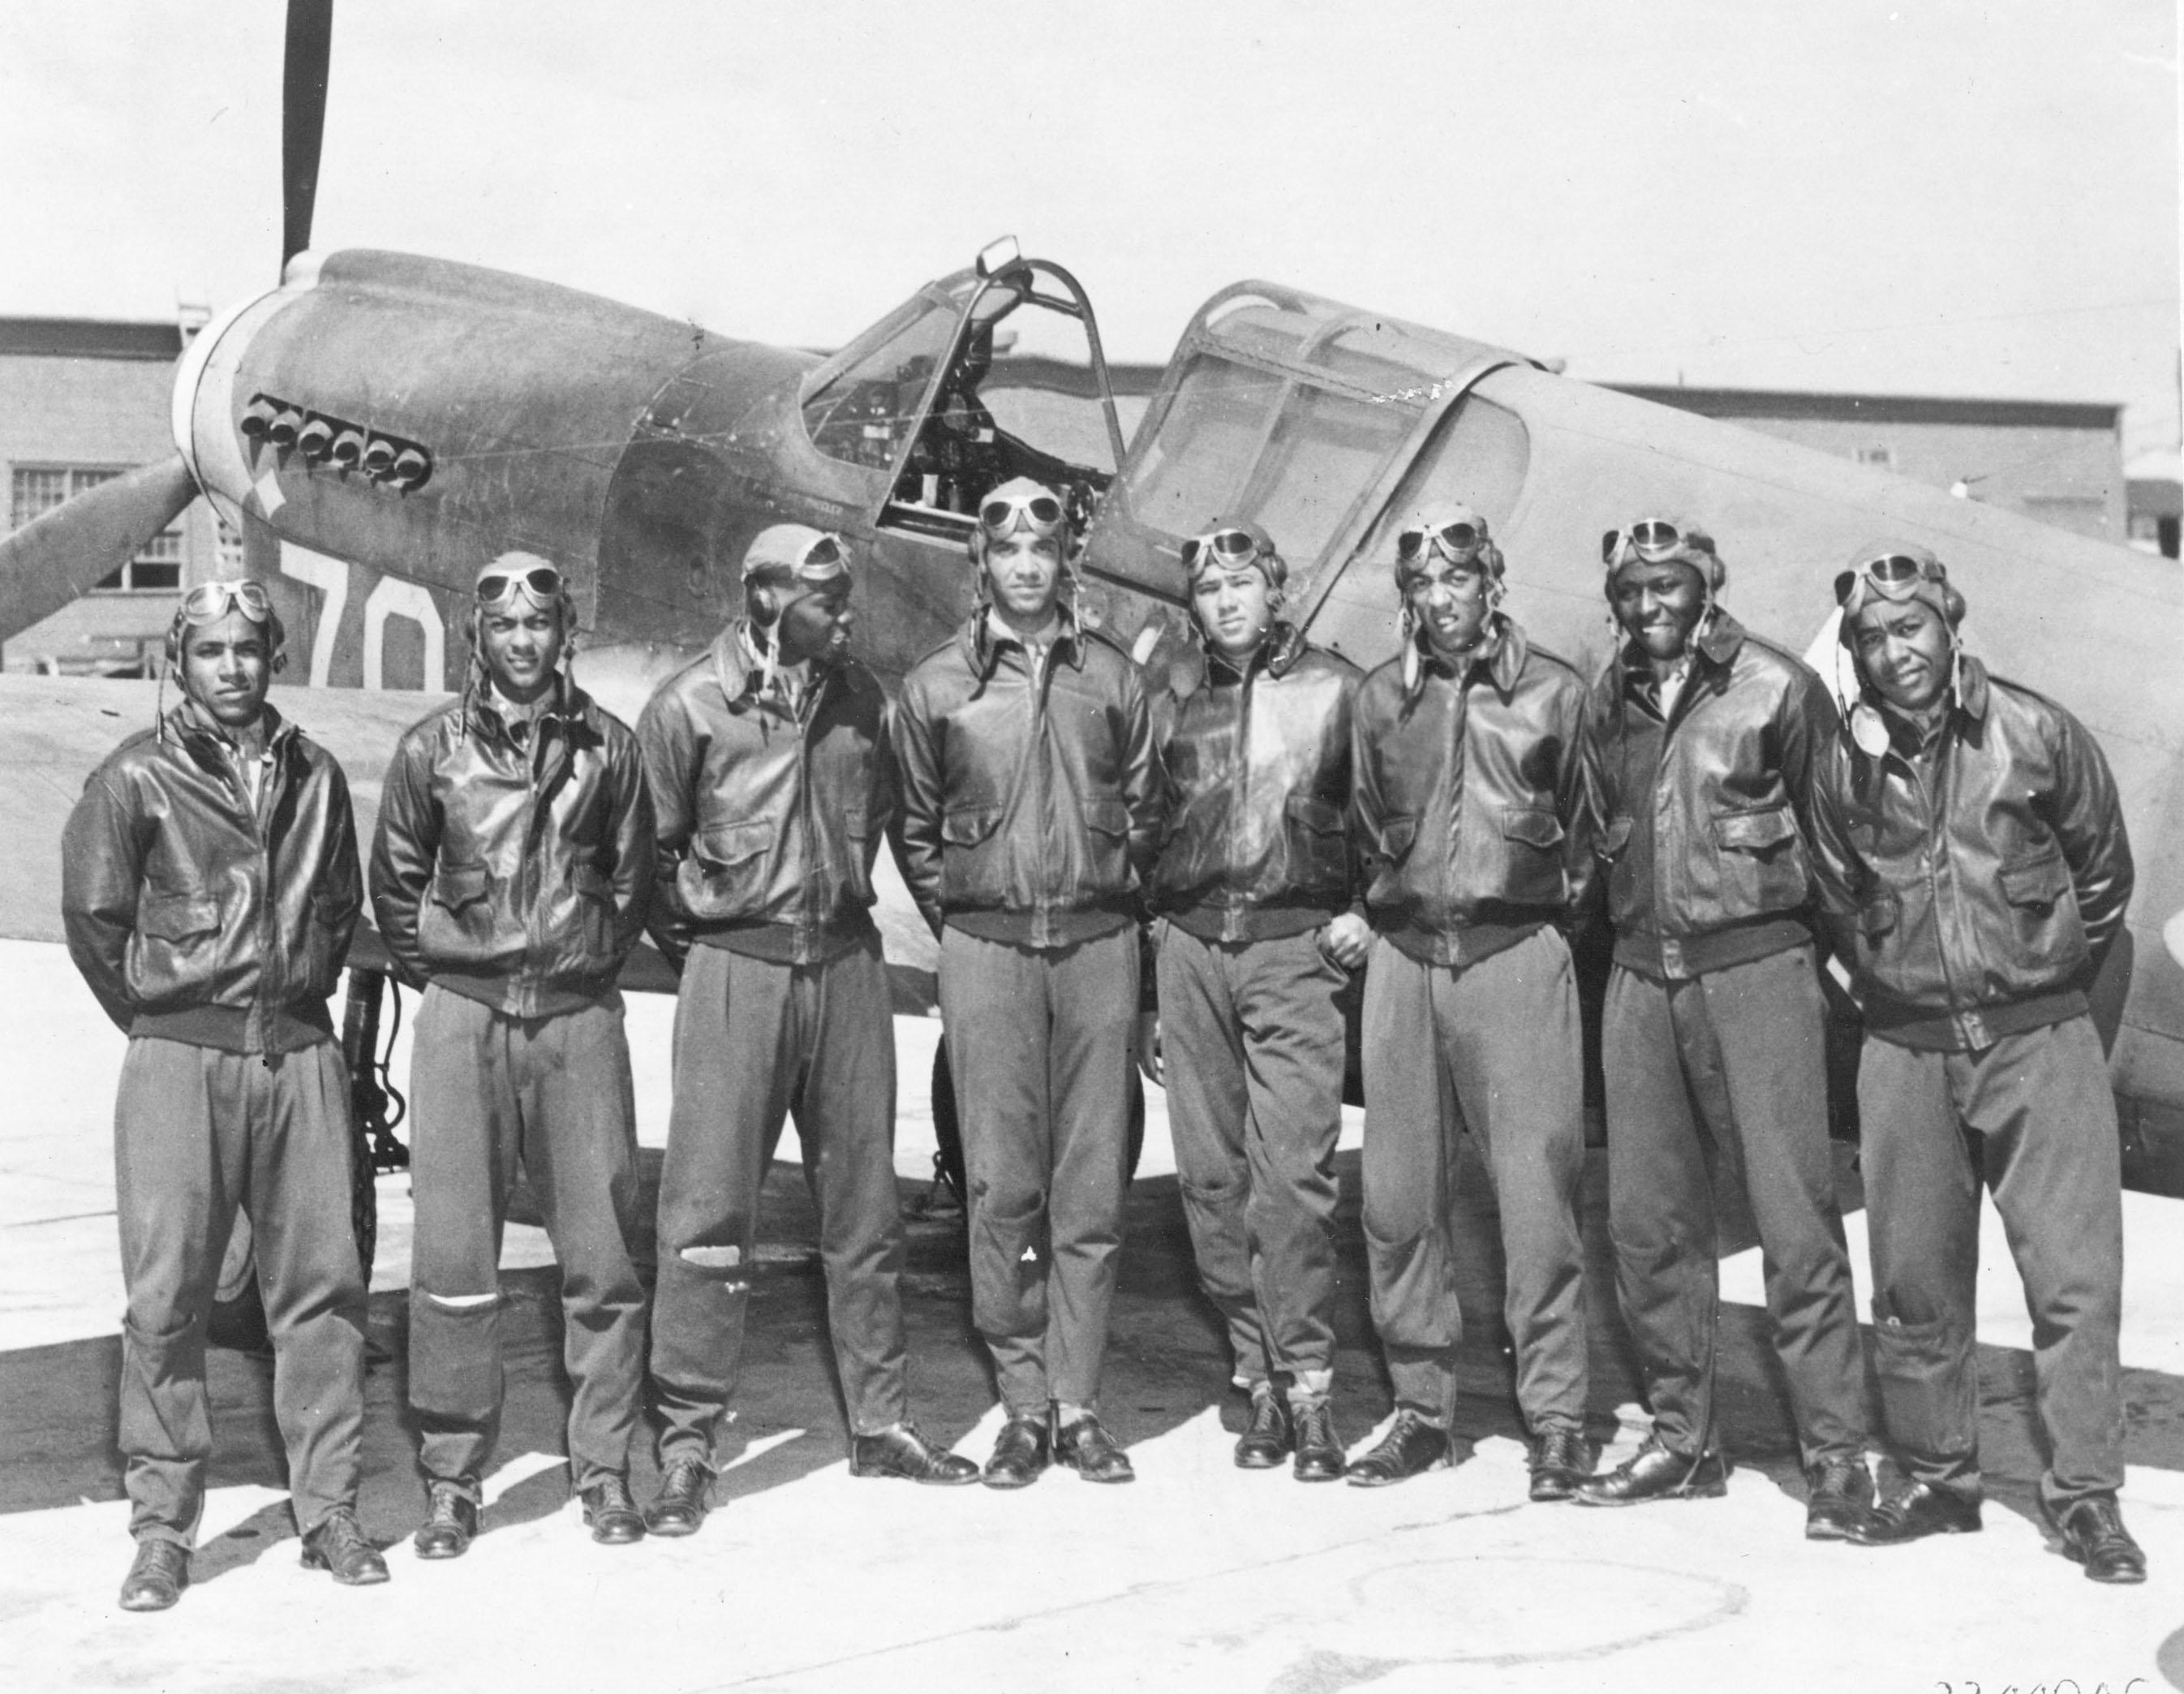 Tuskegee Airmen (circa 1942 - Aug 1943)